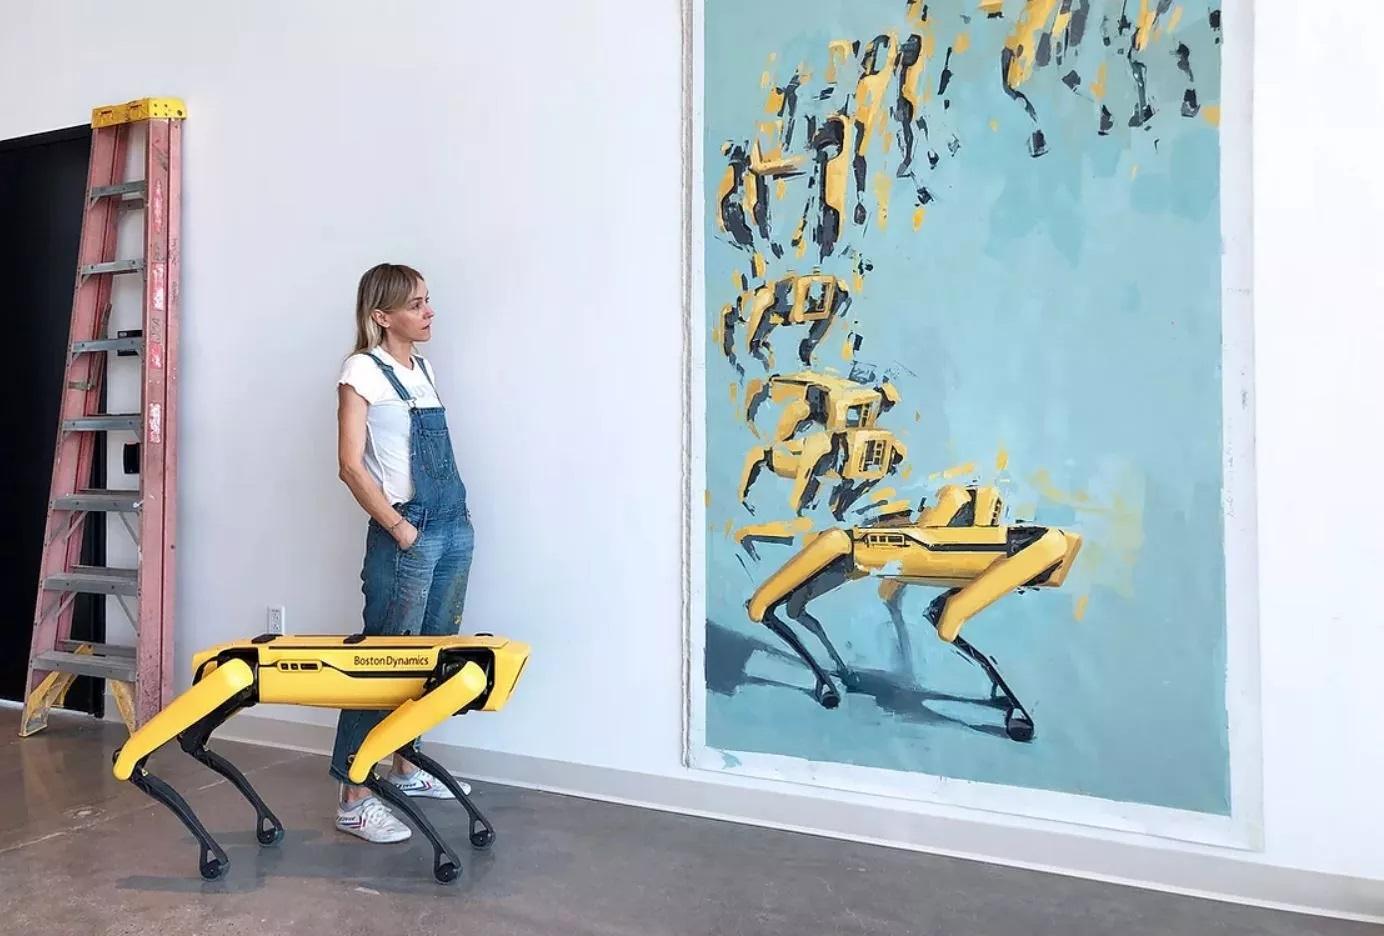 Художница заменяет людей на роботов на картинах эпохи Возрождения. Ей помогает робопес Boston Dynamics